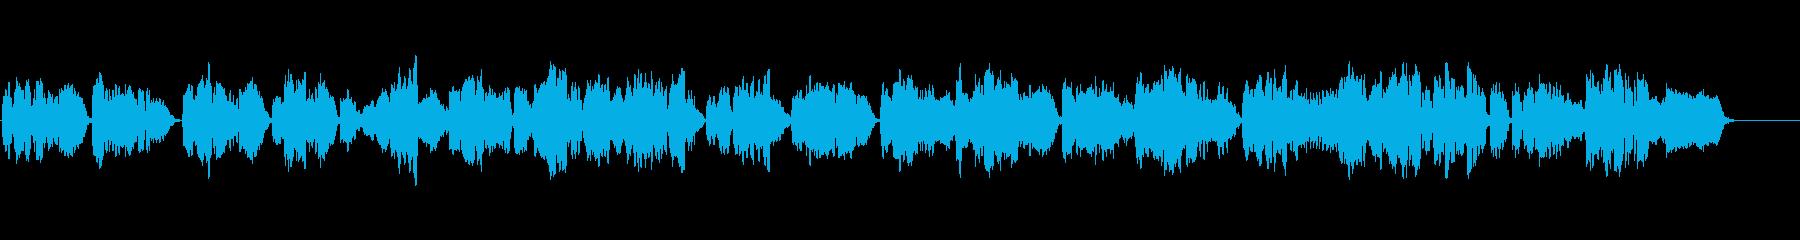 シューマンの歌曲をヴァイオリンでの再生済みの波形